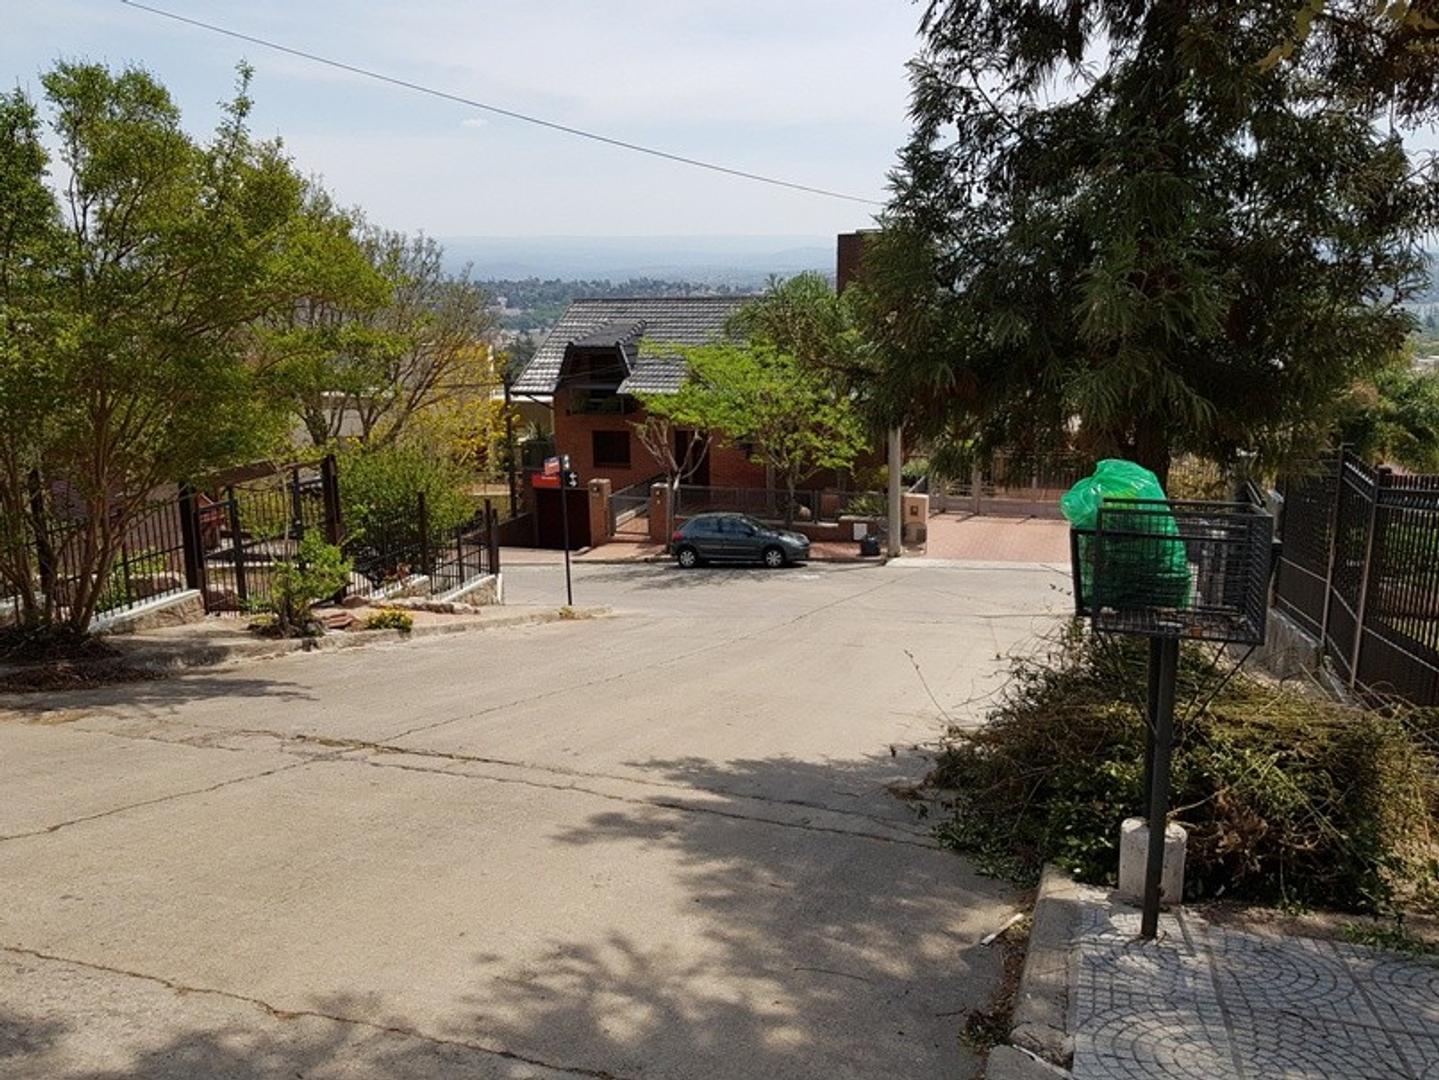 MUY LINDA CASA EN CARLOS PAZ, EN ALQUILER TEMPORARIO, BARRIO LA CUESTA, VISTA PANORÁMICA. Temp 2020 - Foto 24